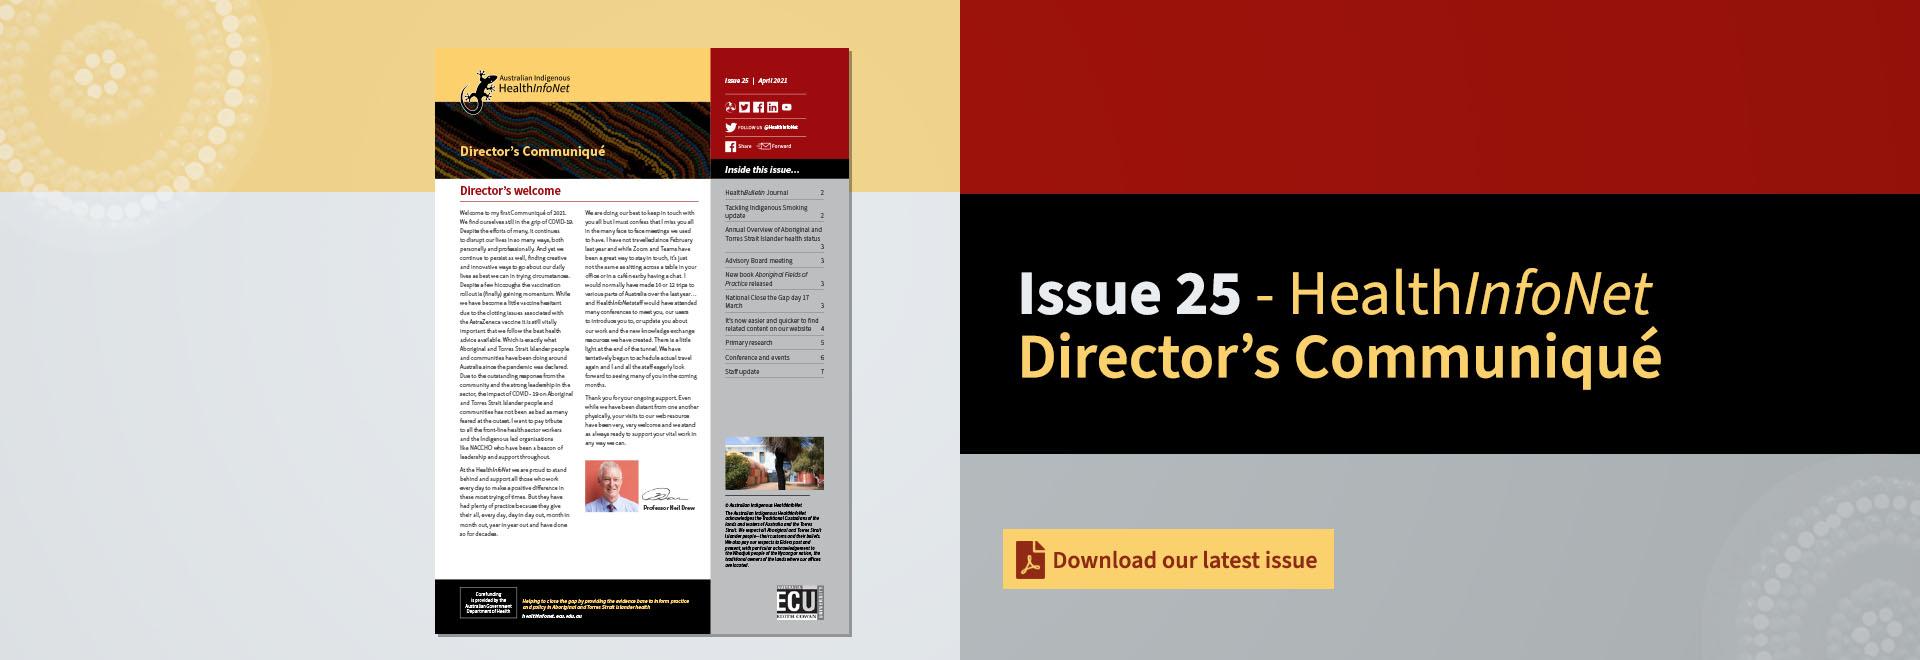 communique issue 25